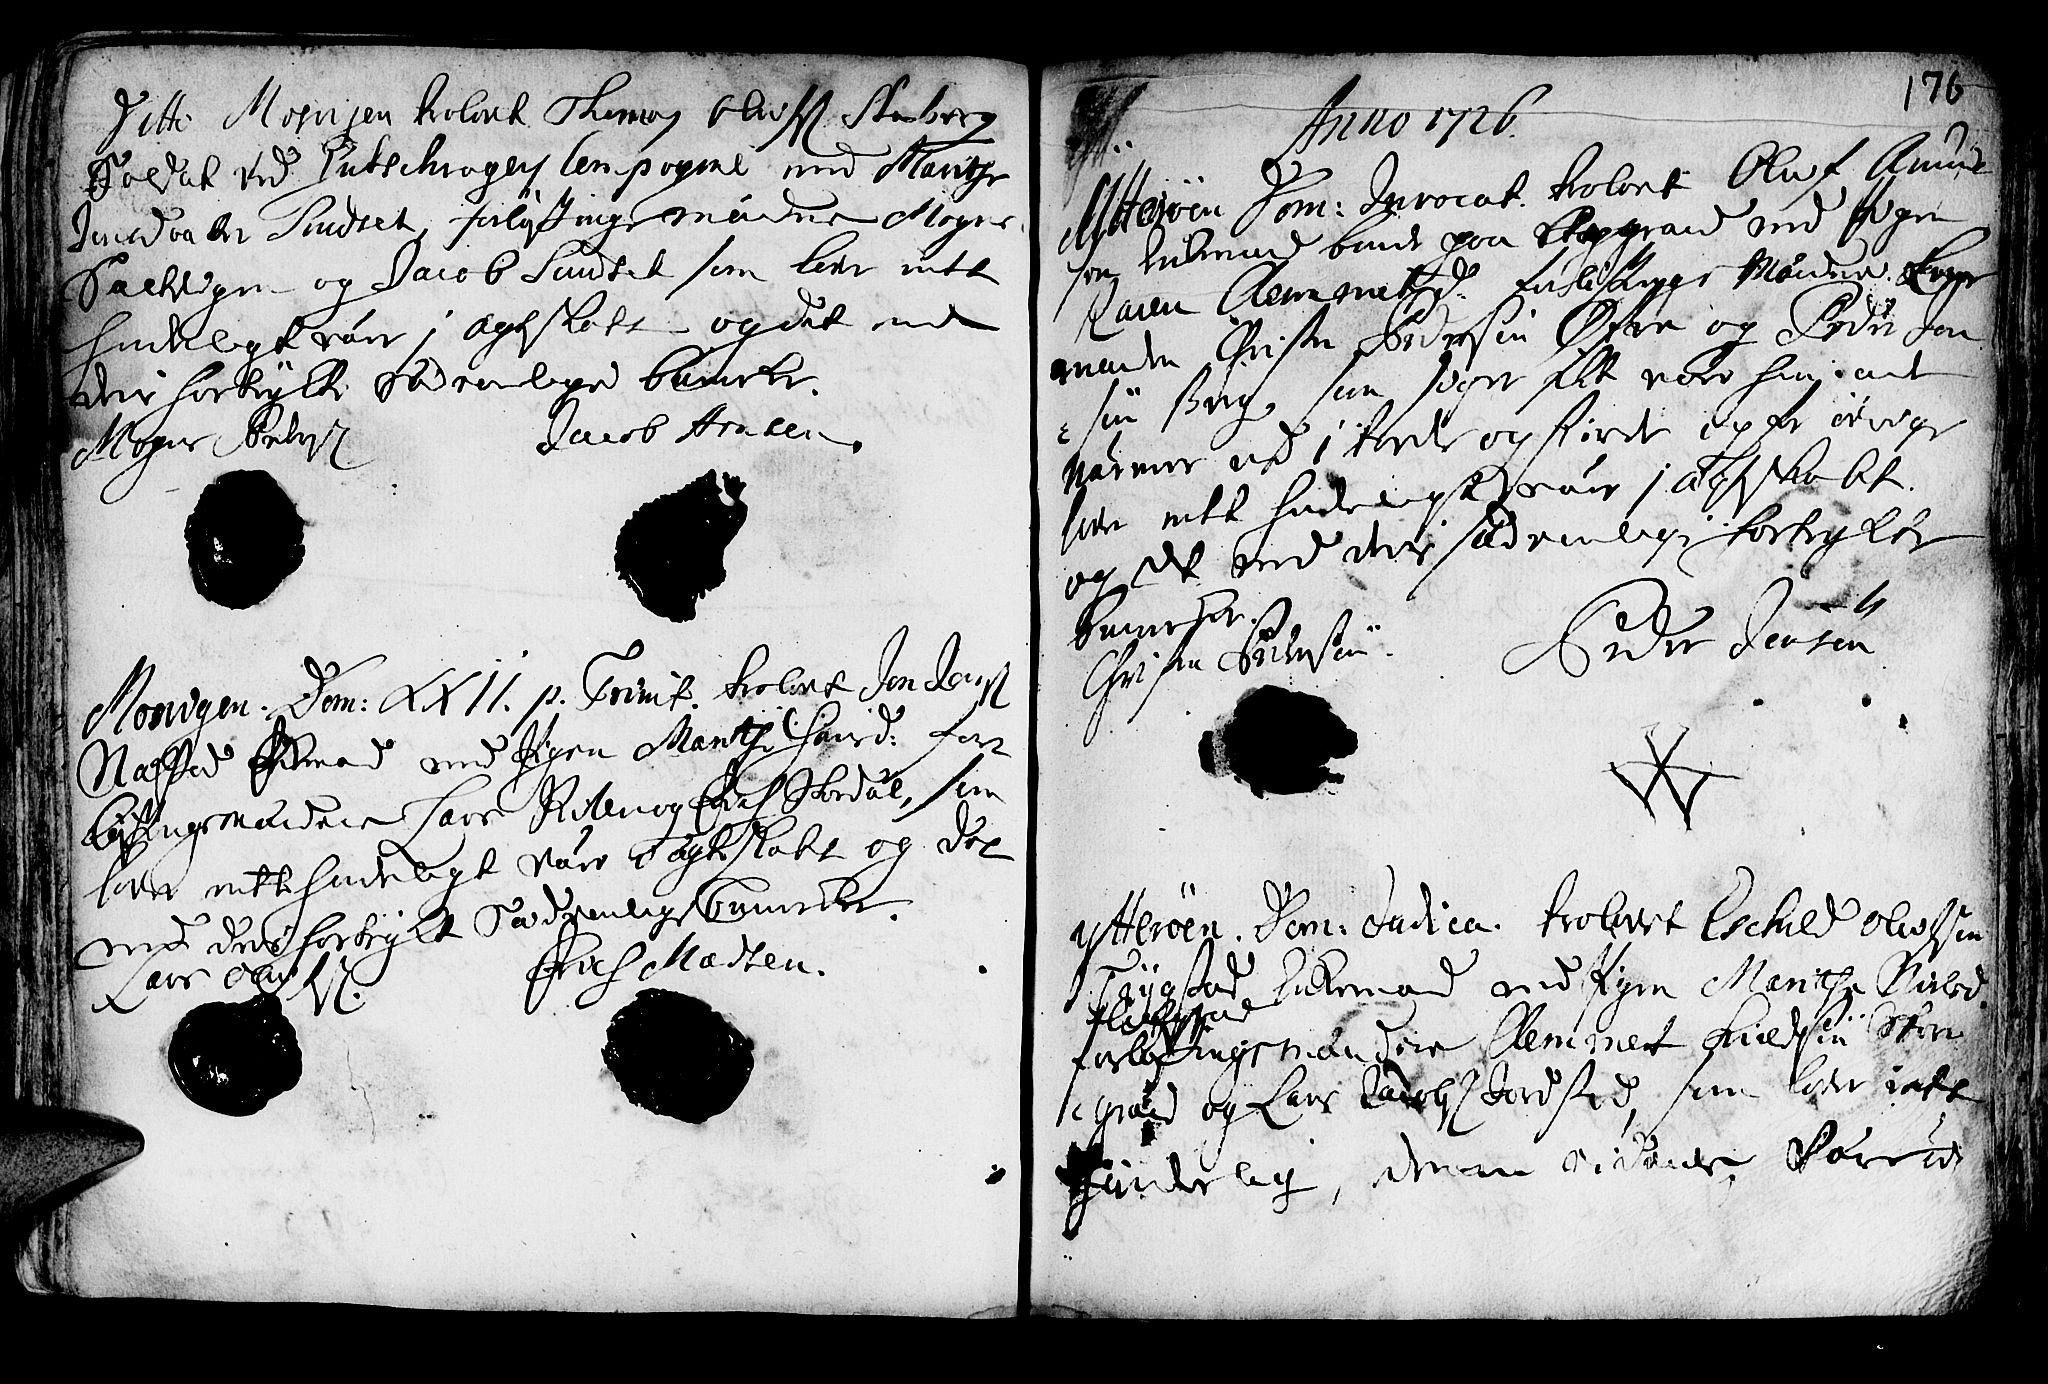 SAT, Ministerialprotokoller, klokkerbøker og fødselsregistre - Nord-Trøndelag, 722/L0215: Ministerialbok nr. 722A02, 1718-1755, s. 176